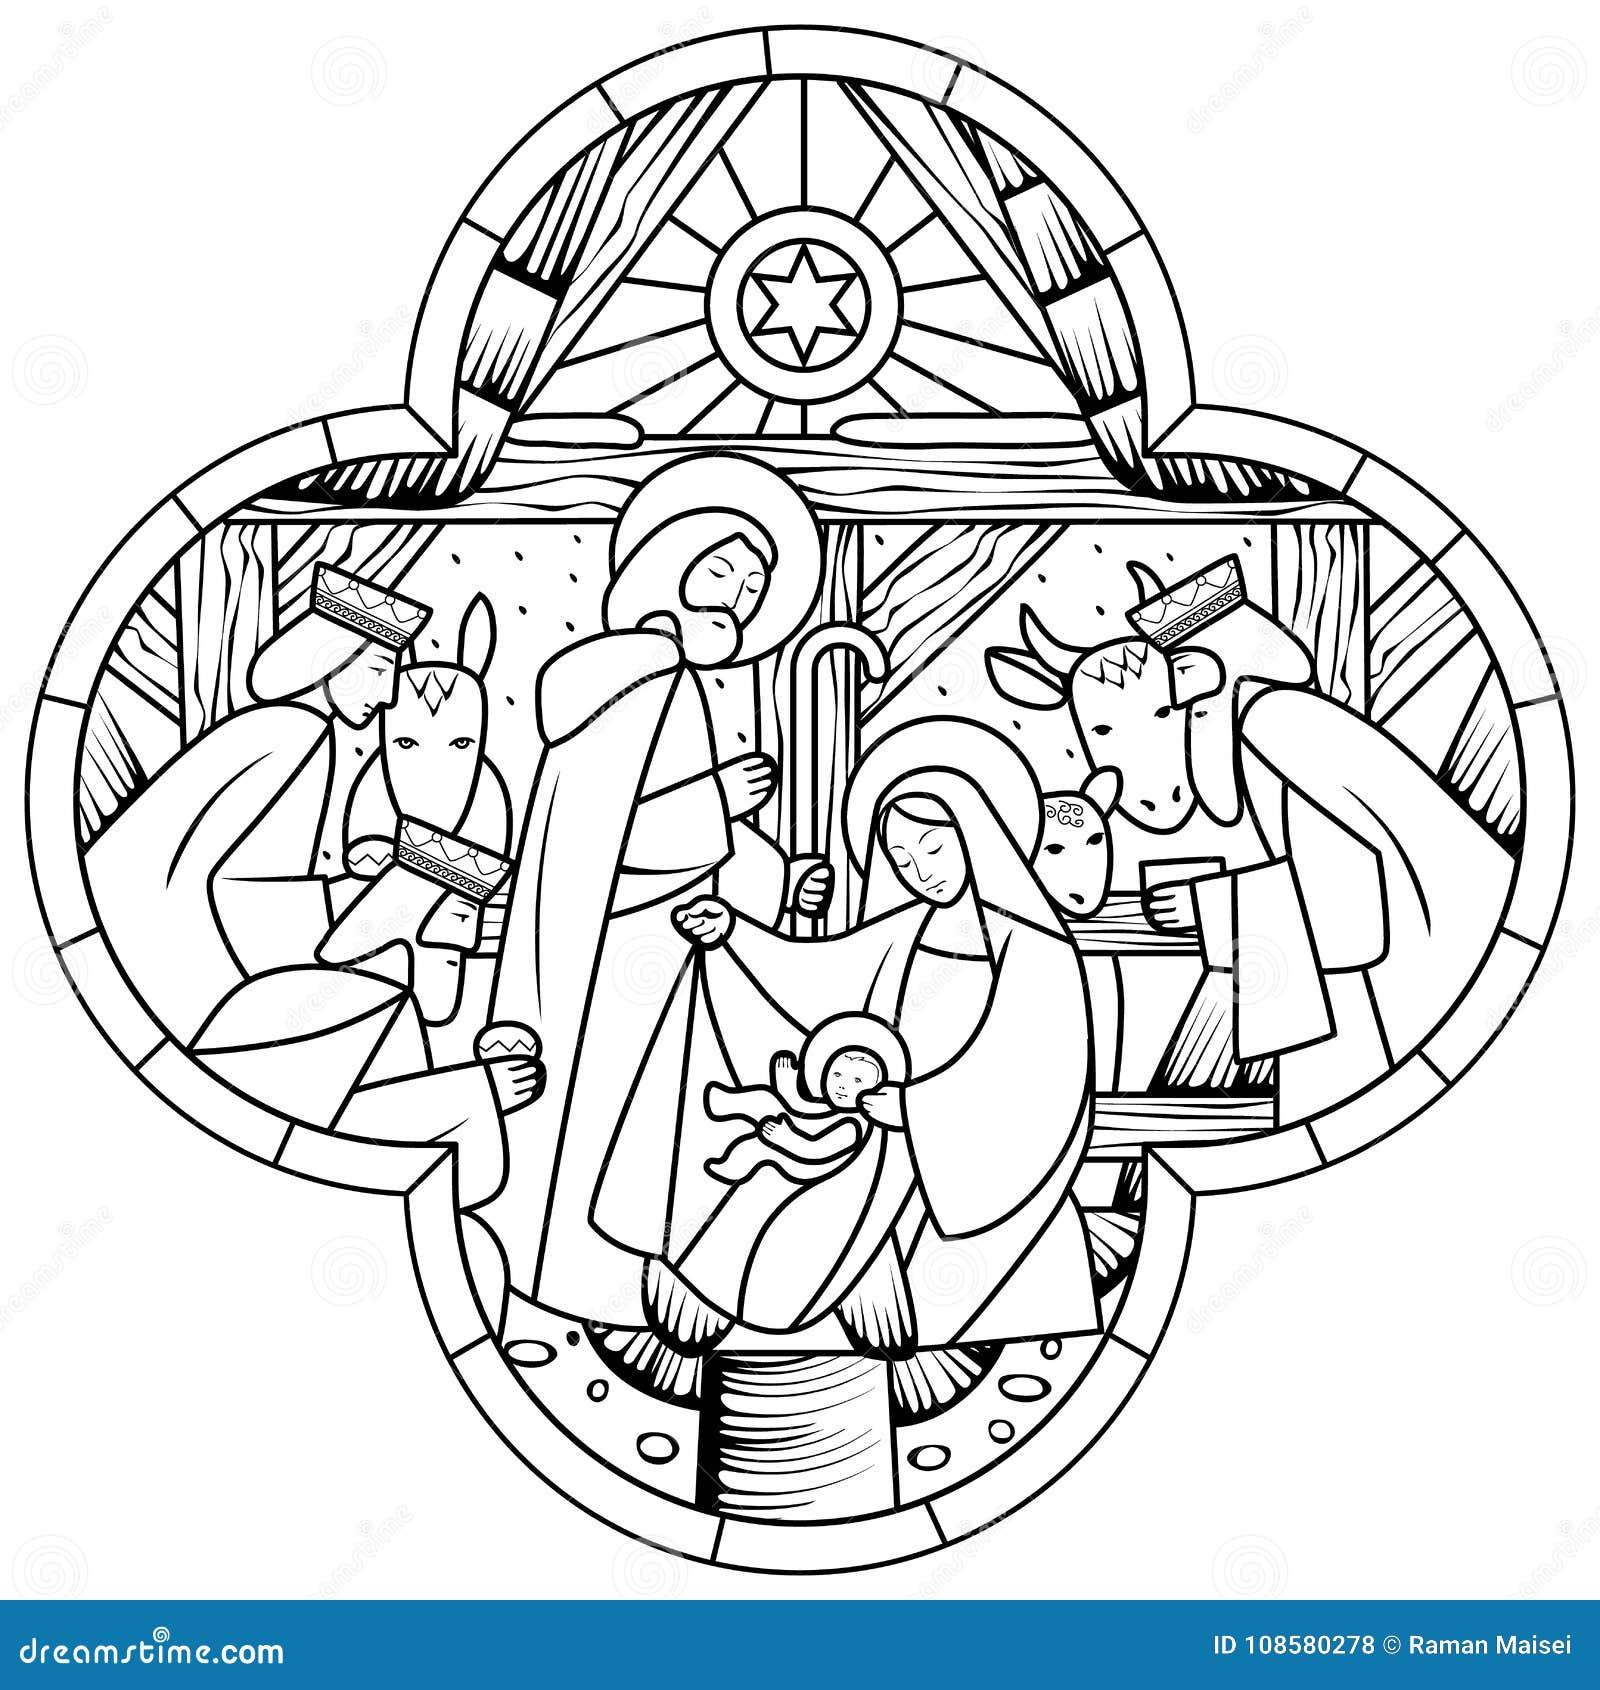 Disegno Lineare Della Nascita Della Scena Di Jesus Christ Nella